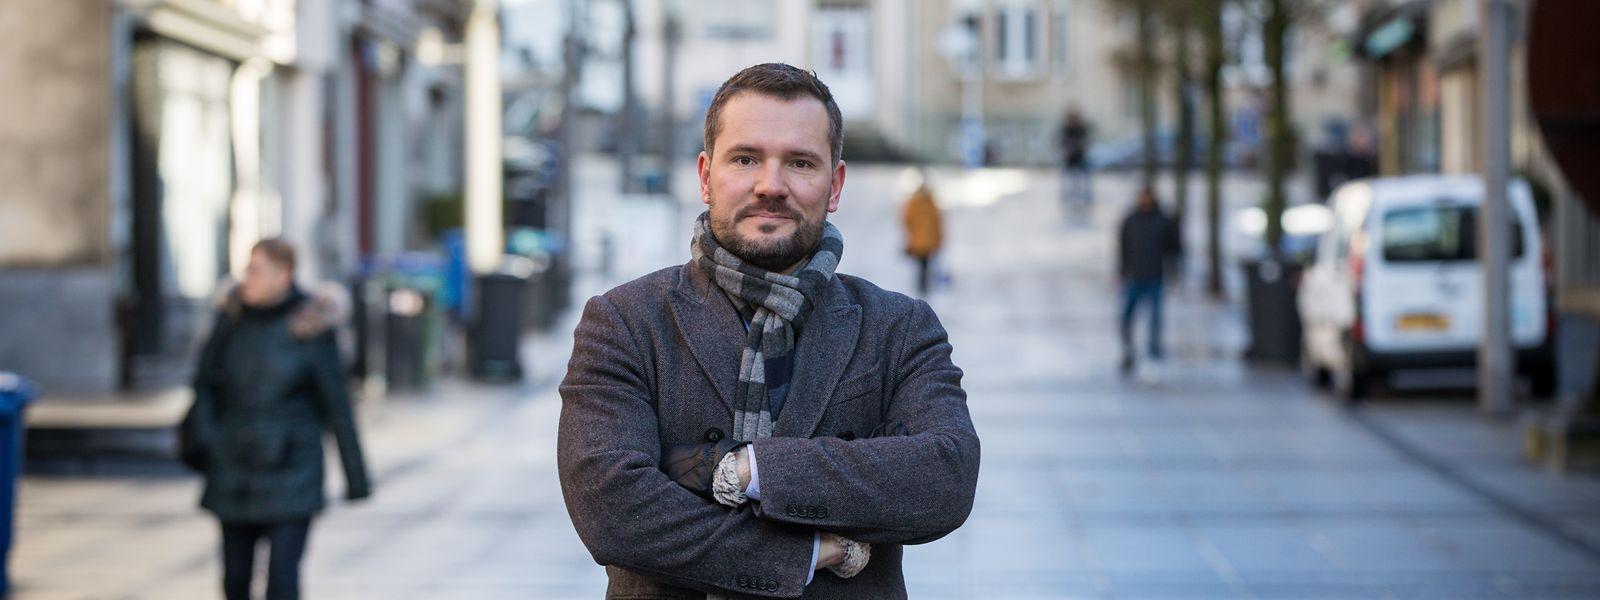 Martin Kracheel sieht sich als Brückenbauer, der versucht das große Ganze zu verstehen und Akteure zu vernetzen.